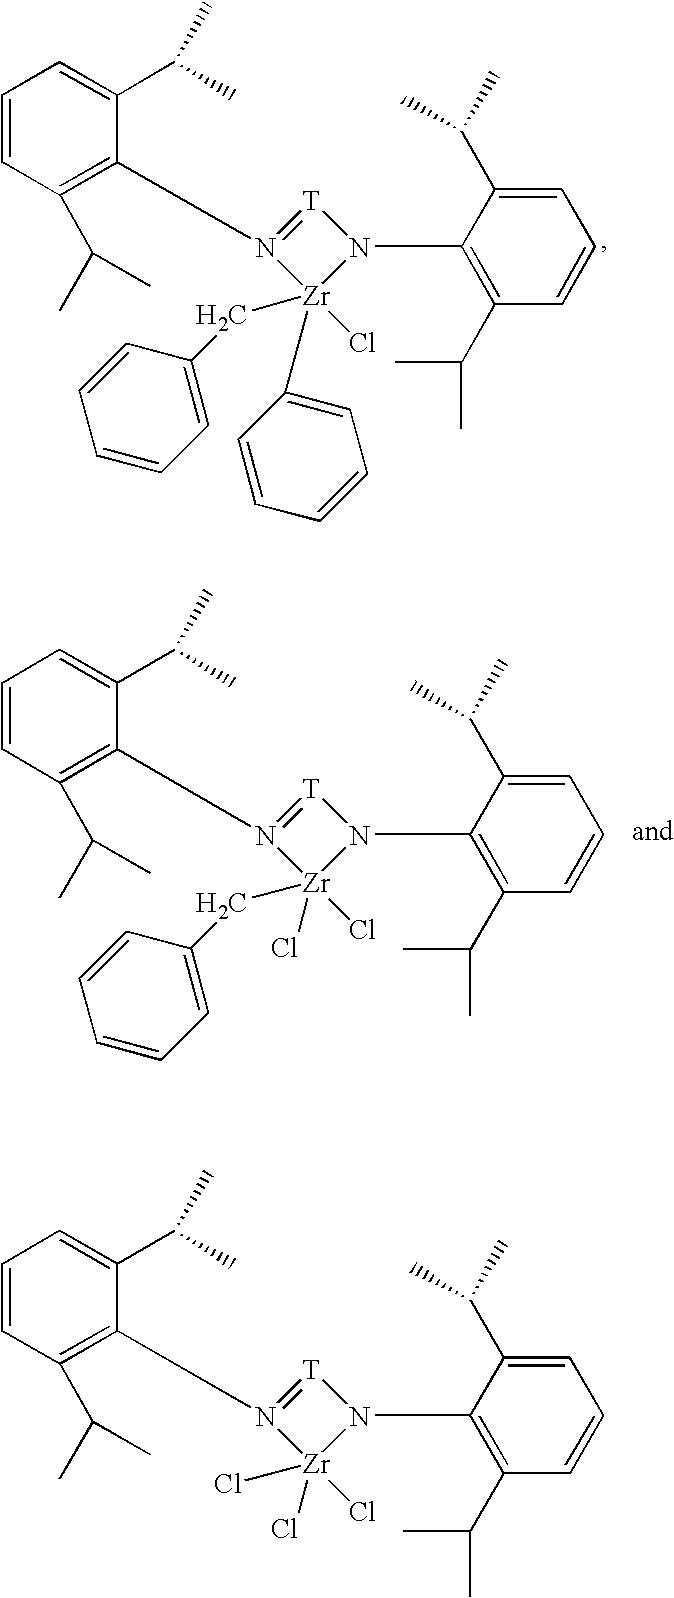 Figure US07199255-20070403-C00007